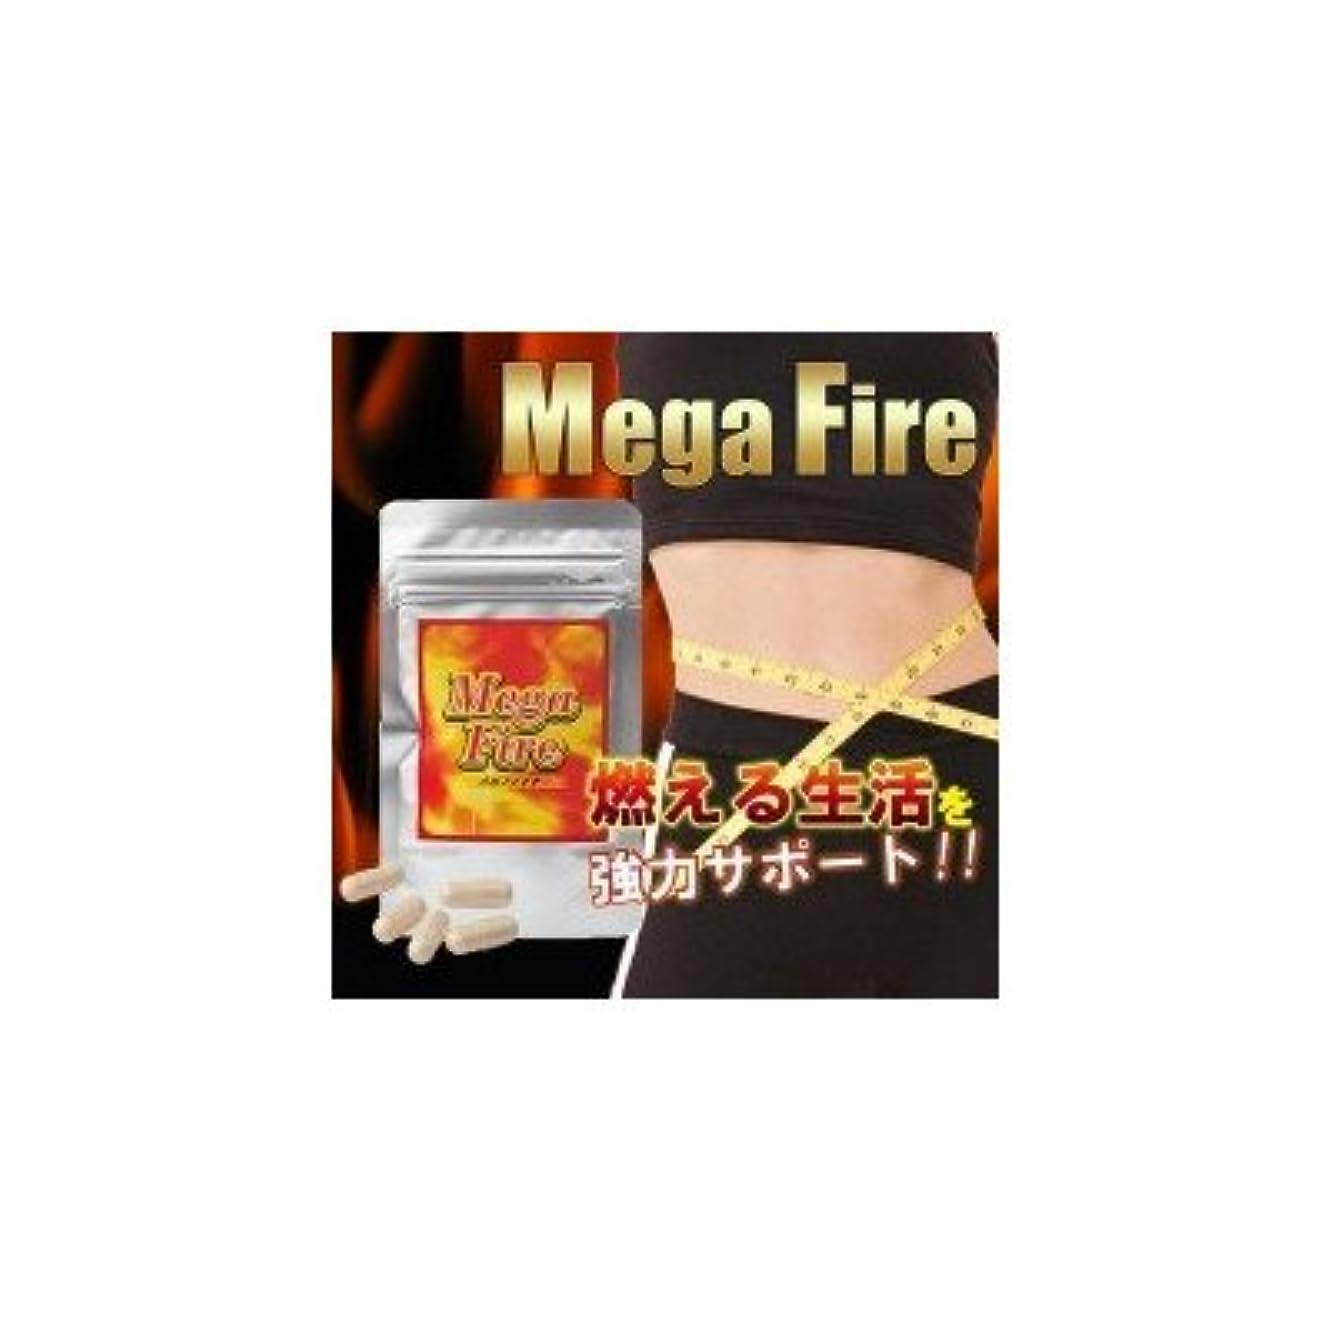 雪のもっと少なく本質的ではないMega-Fire(メガファイア) 13.9g(377mg(1粒内容量300mg)×37カプセル)